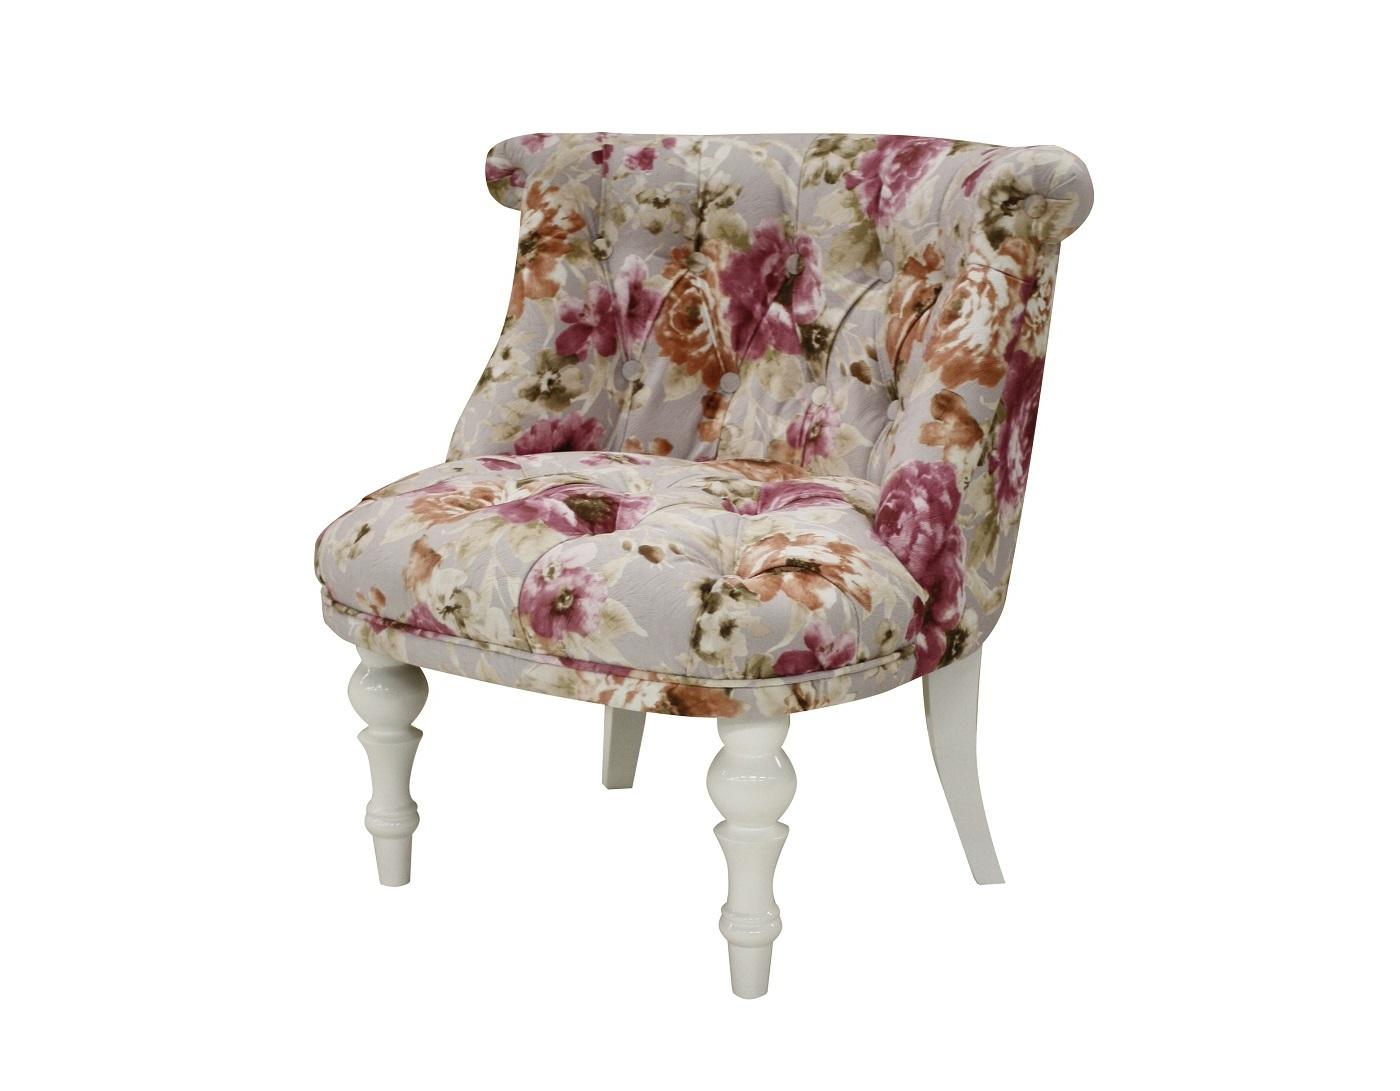 Кресло СиеннаПолукресла<br>&amp;lt;div&amp;gt;Компактное кресло Сиенна классического стиля декорировано стежкой капитоне во внутренней части спинки и сидения.&amp;amp;nbsp;&amp;lt;/div&amp;gt;&amp;lt;div&amp;gt;&amp;lt;br&amp;gt;&amp;lt;/div&amp;gt;&amp;lt;div&amp;gt;Наполнение: композиционный микс из резинотканных ремней, пенополиуретана в термовлагозащитном чехле из материала &amp;quot;Hollgone&amp;quot;.&amp;amp;nbsp;&amp;lt;/div&amp;gt;&amp;lt;div&amp;gt;Материал каркаса: брус, фанера.&amp;amp;nbsp;&amp;lt;/div&amp;gt;&amp;lt;div&amp;gt;Особенность модели: невысокая радиусная спинка для комфортного отдыха.&amp;amp;nbsp;&amp;lt;/div&amp;gt;&amp;lt;div&amp;gt;Доп.Опция:дополнение передних ножек колесными опорами в момент оформления заказа.&amp;amp;nbsp;&amp;lt;/div&amp;gt;&amp;lt;div&amp;gt;Высота сидения 40 см.&amp;lt;/div&amp;gt;<br><br>Material: Текстиль<br>Ширина см: 70<br>Высота см: 70<br>Глубина см: 72